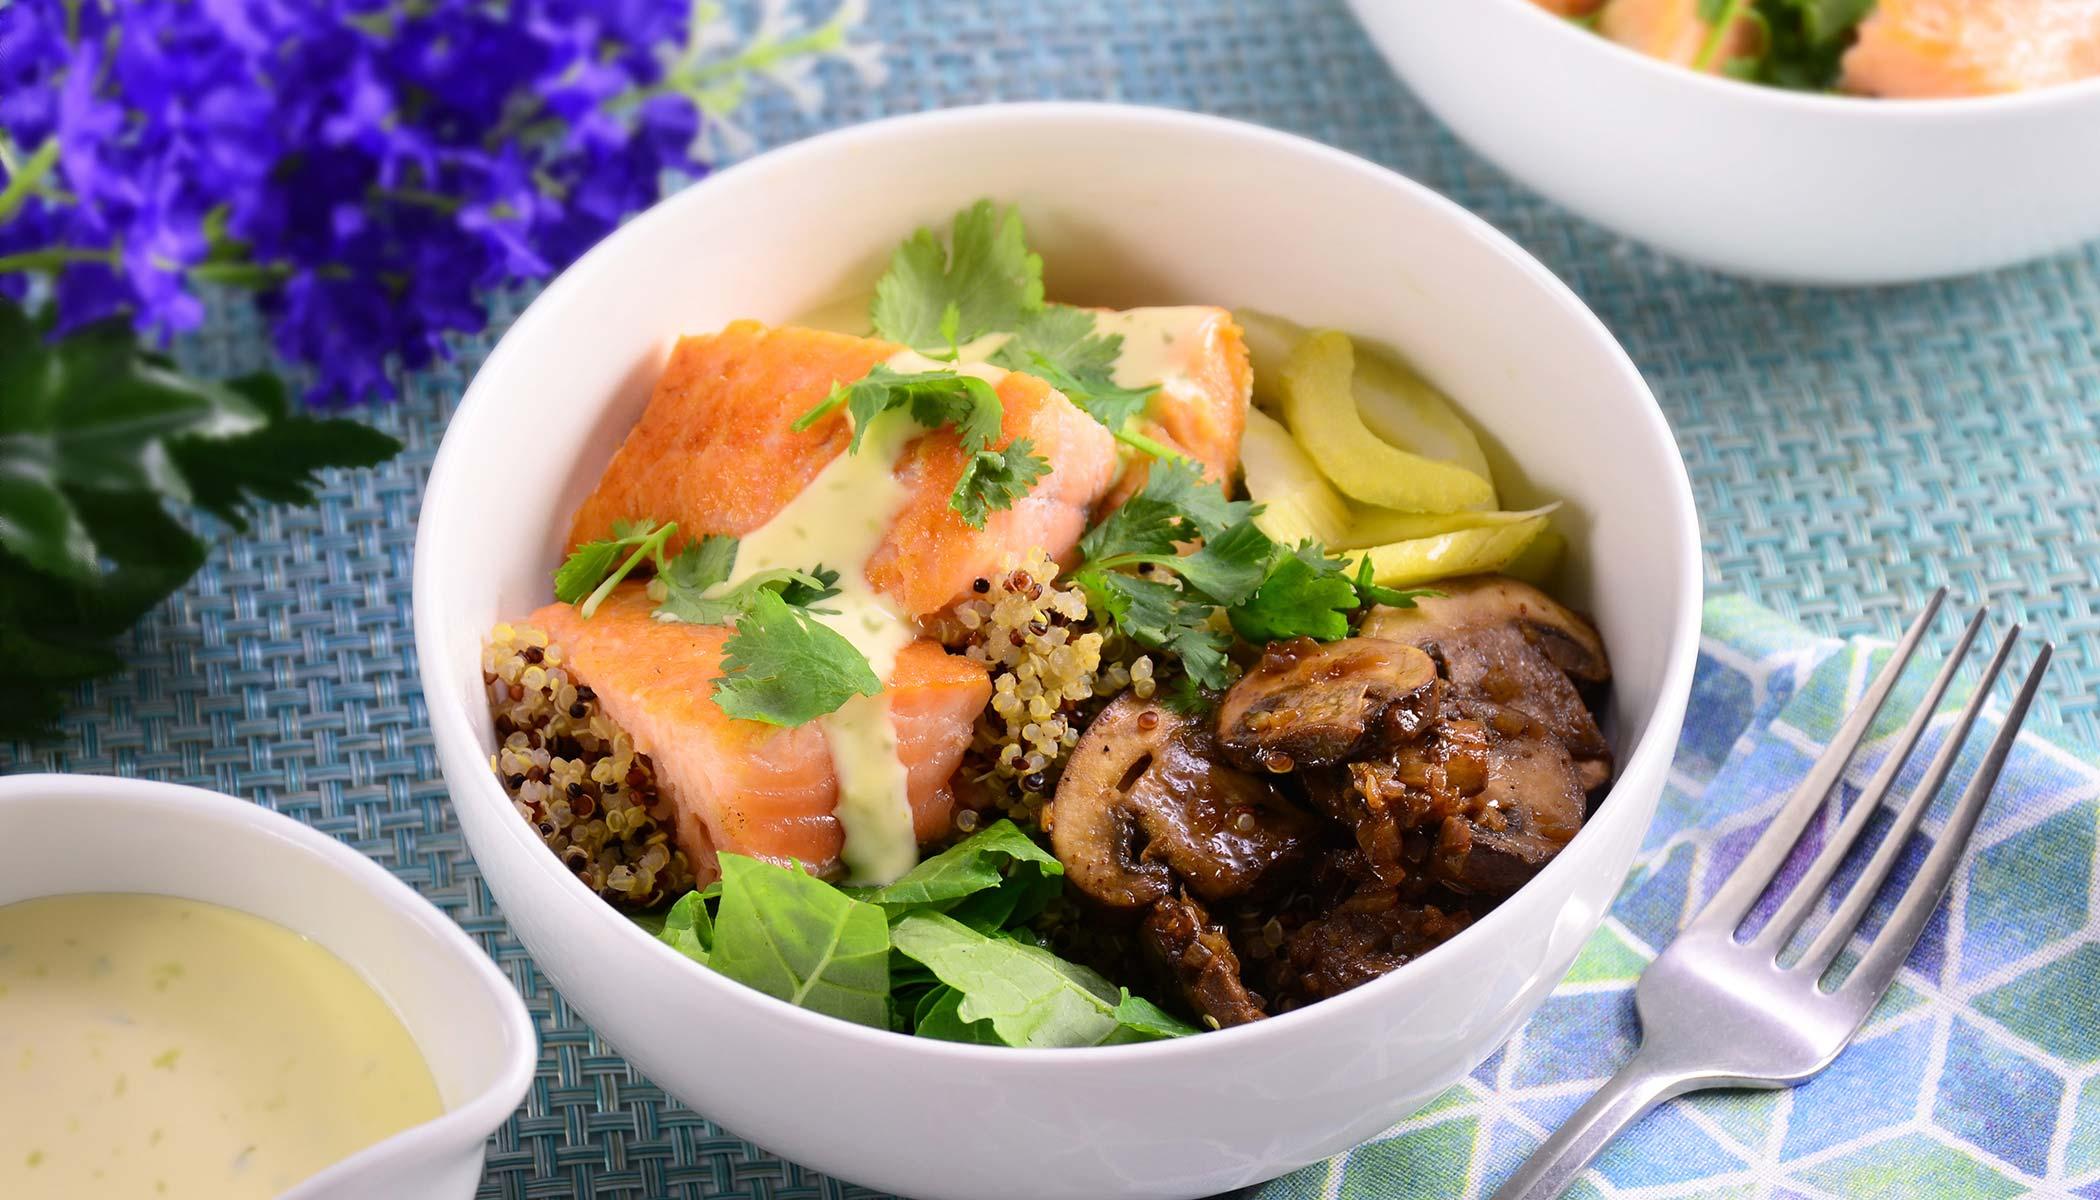 Topped Salmon Quinoa Bowl